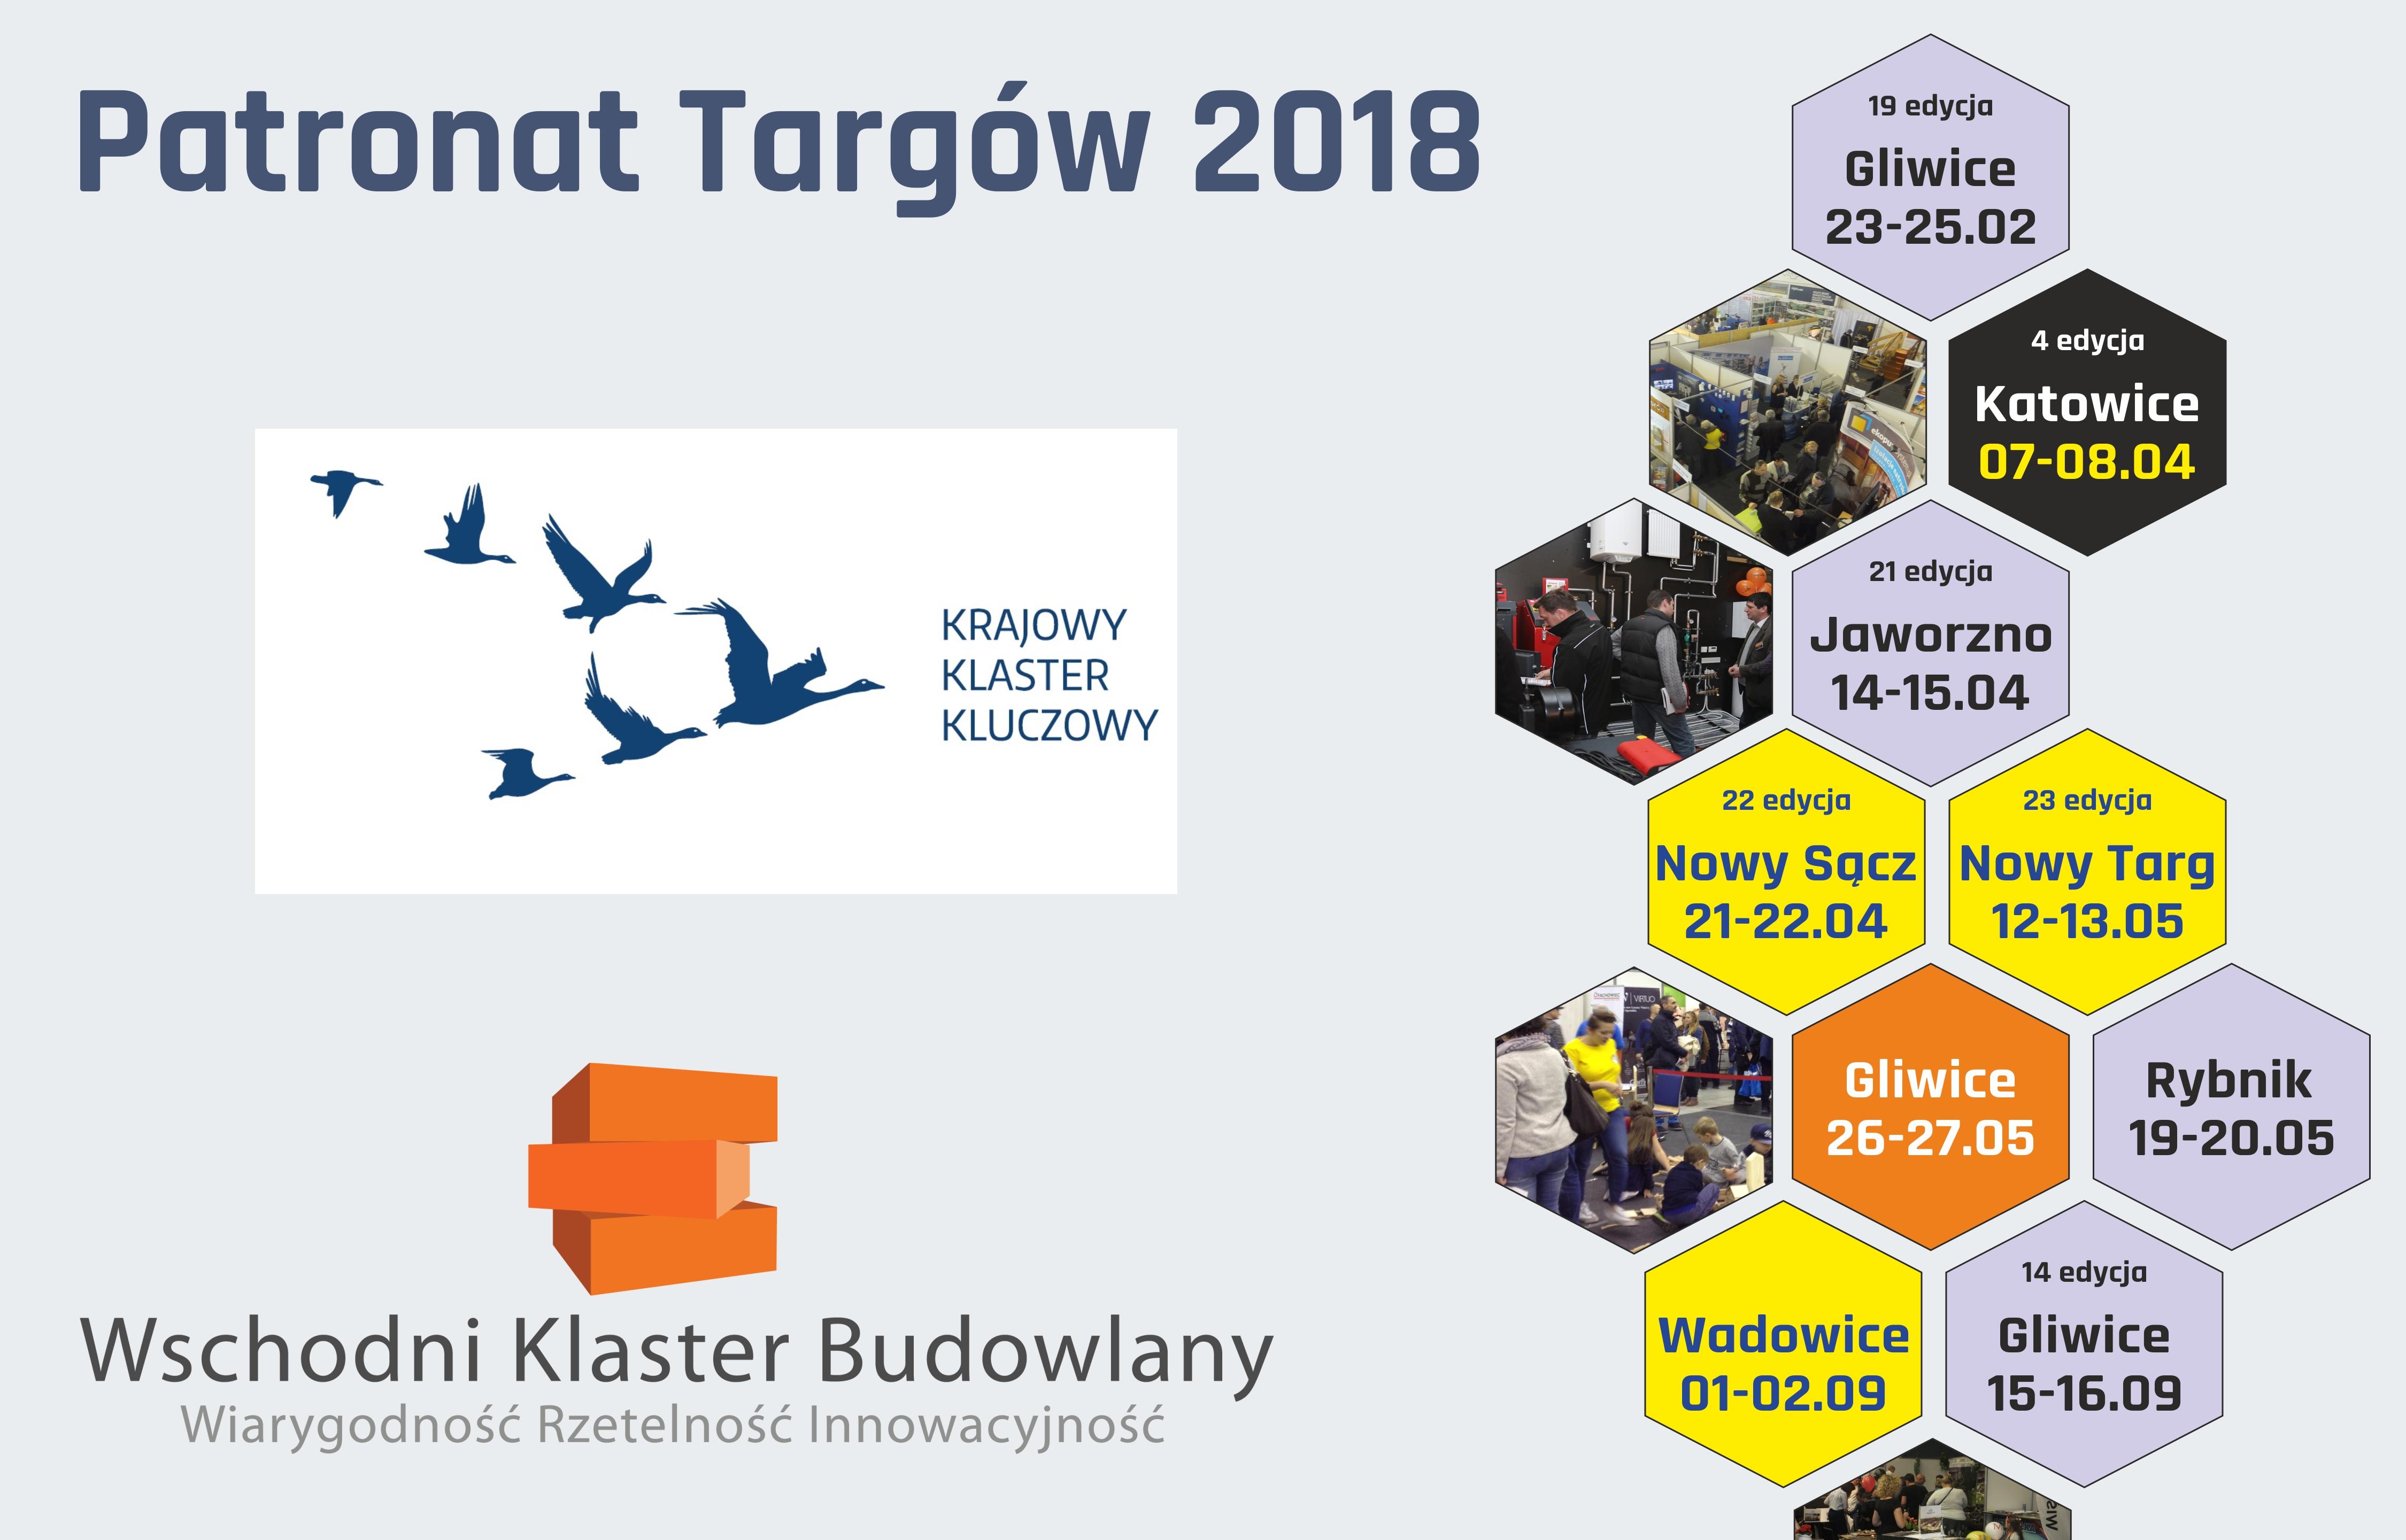 Patronat Targów 2018 Promocja-Targi.pl